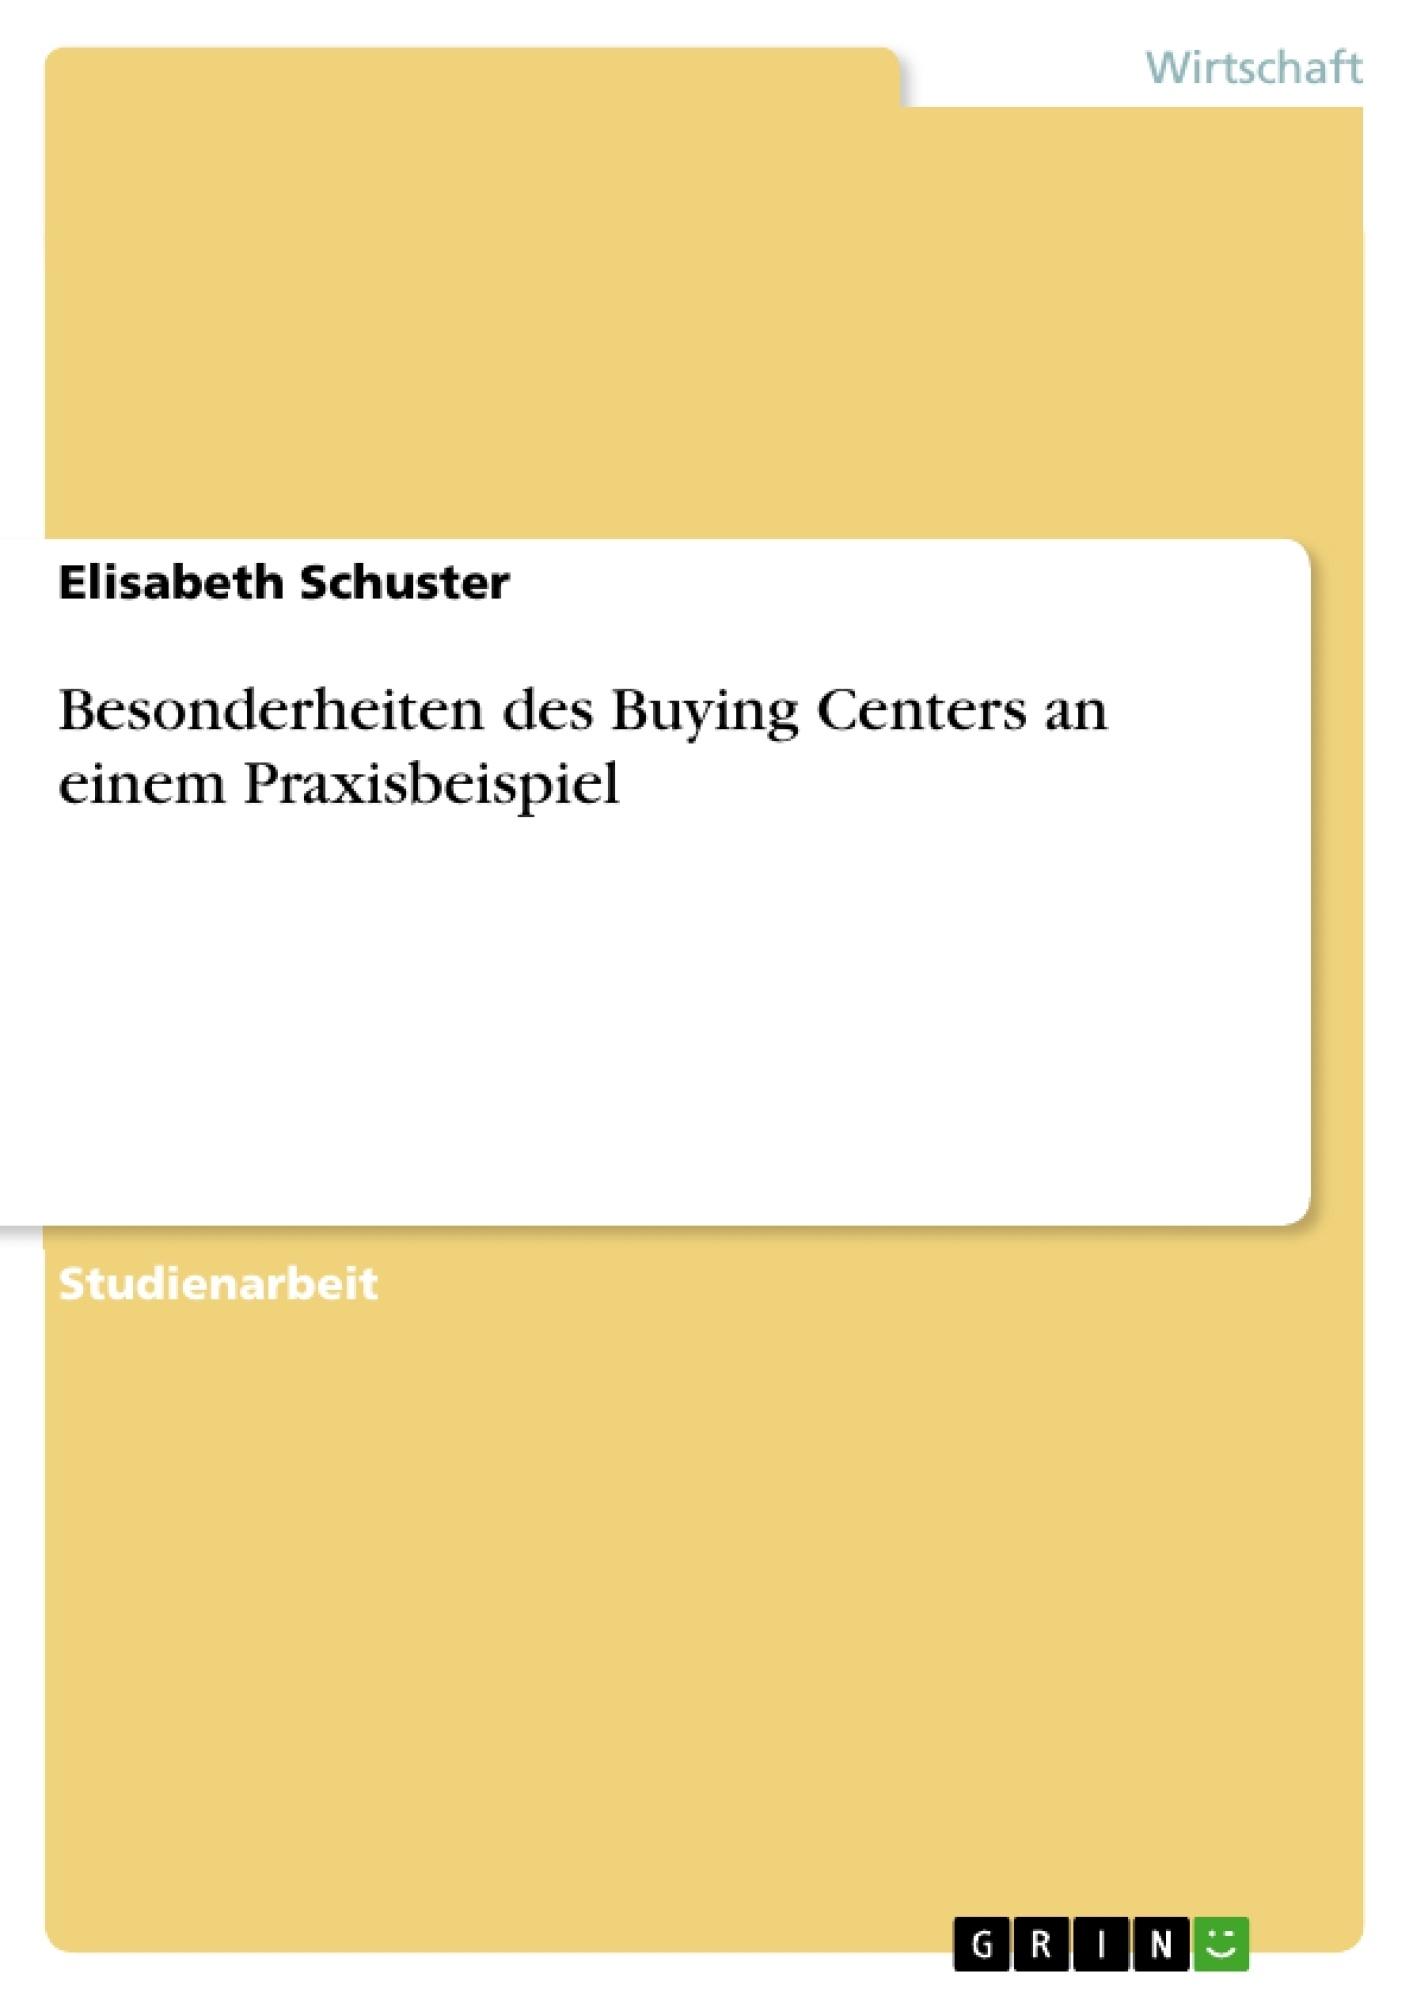 Titel: Besonderheiten des Buying Centers an einem Praxisbeispiel